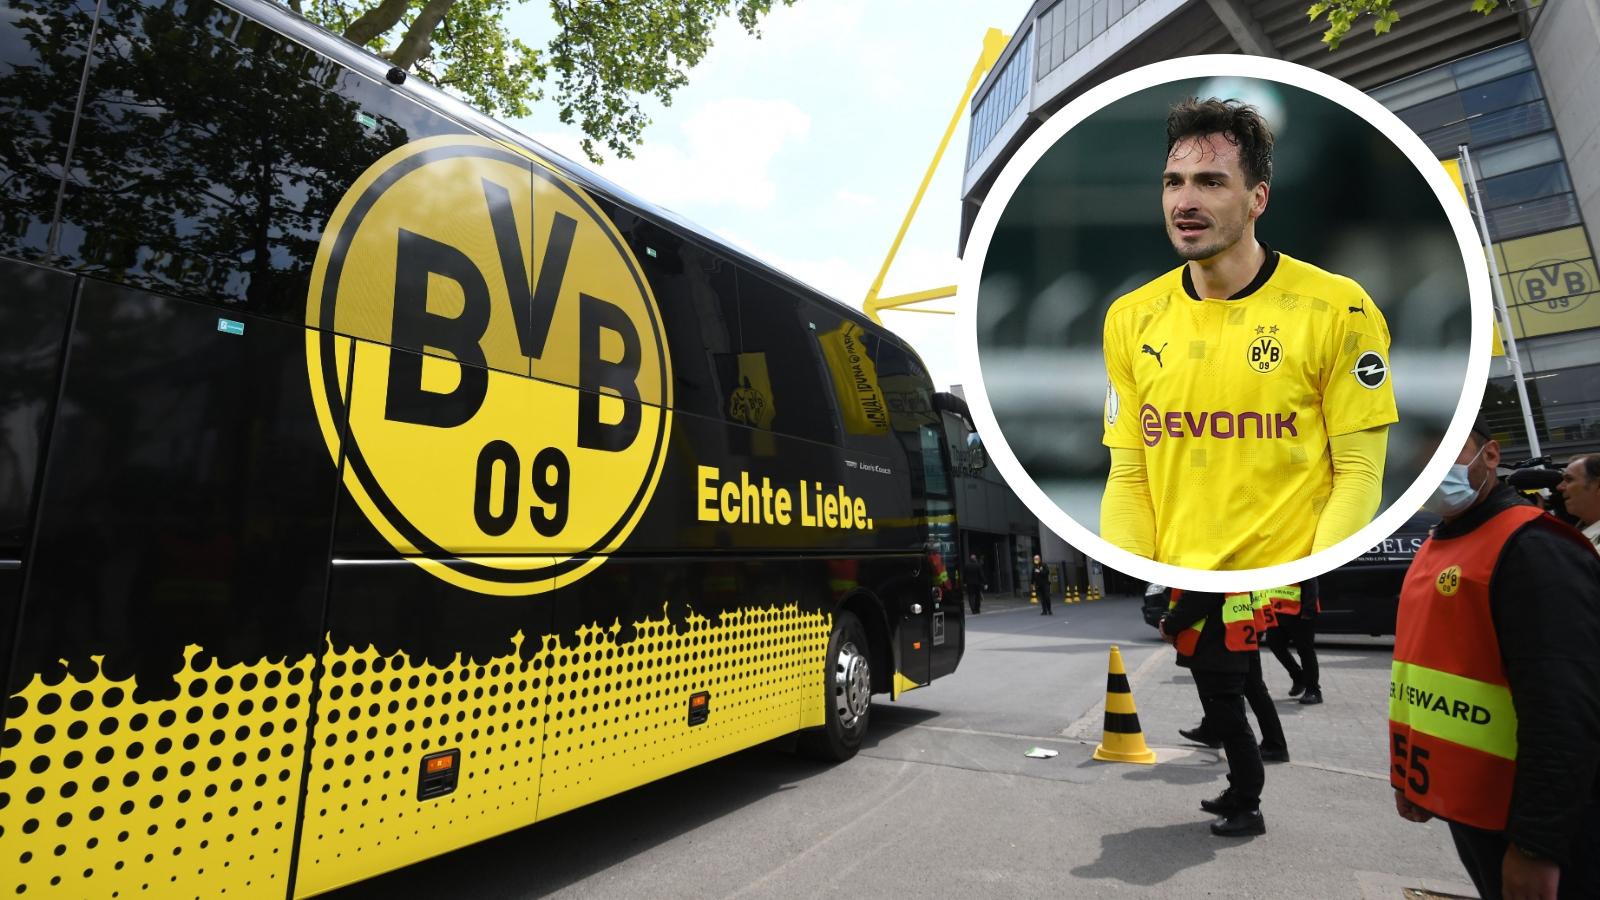 Il Borussia Dortmund 'perde' Hummels: dimenticato dal pullman a Colonia